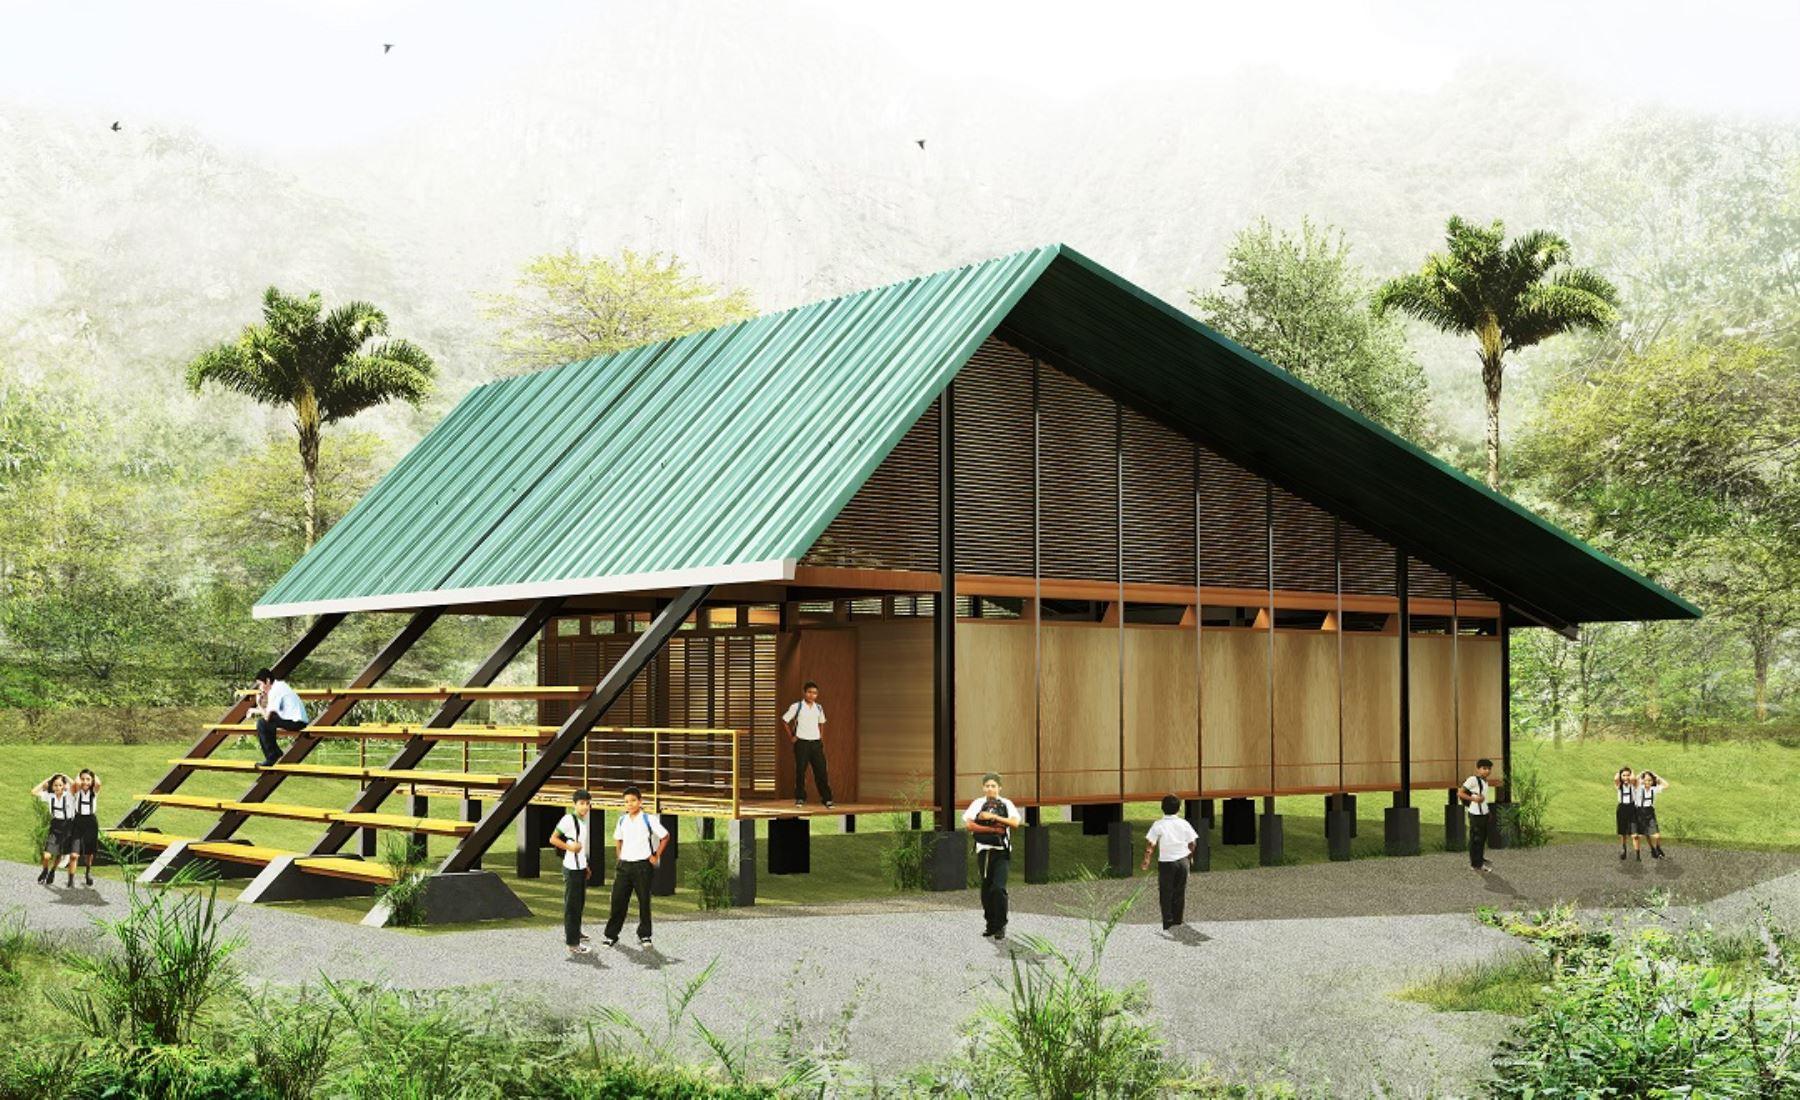 El sistema arquitectónico modular del Plan Selva propuesto por el Minedu -a través del Programa Nacional de Infraestructura Educativa (Pronied) es fácil de instalar en zonas remotas y de geografía difícil.